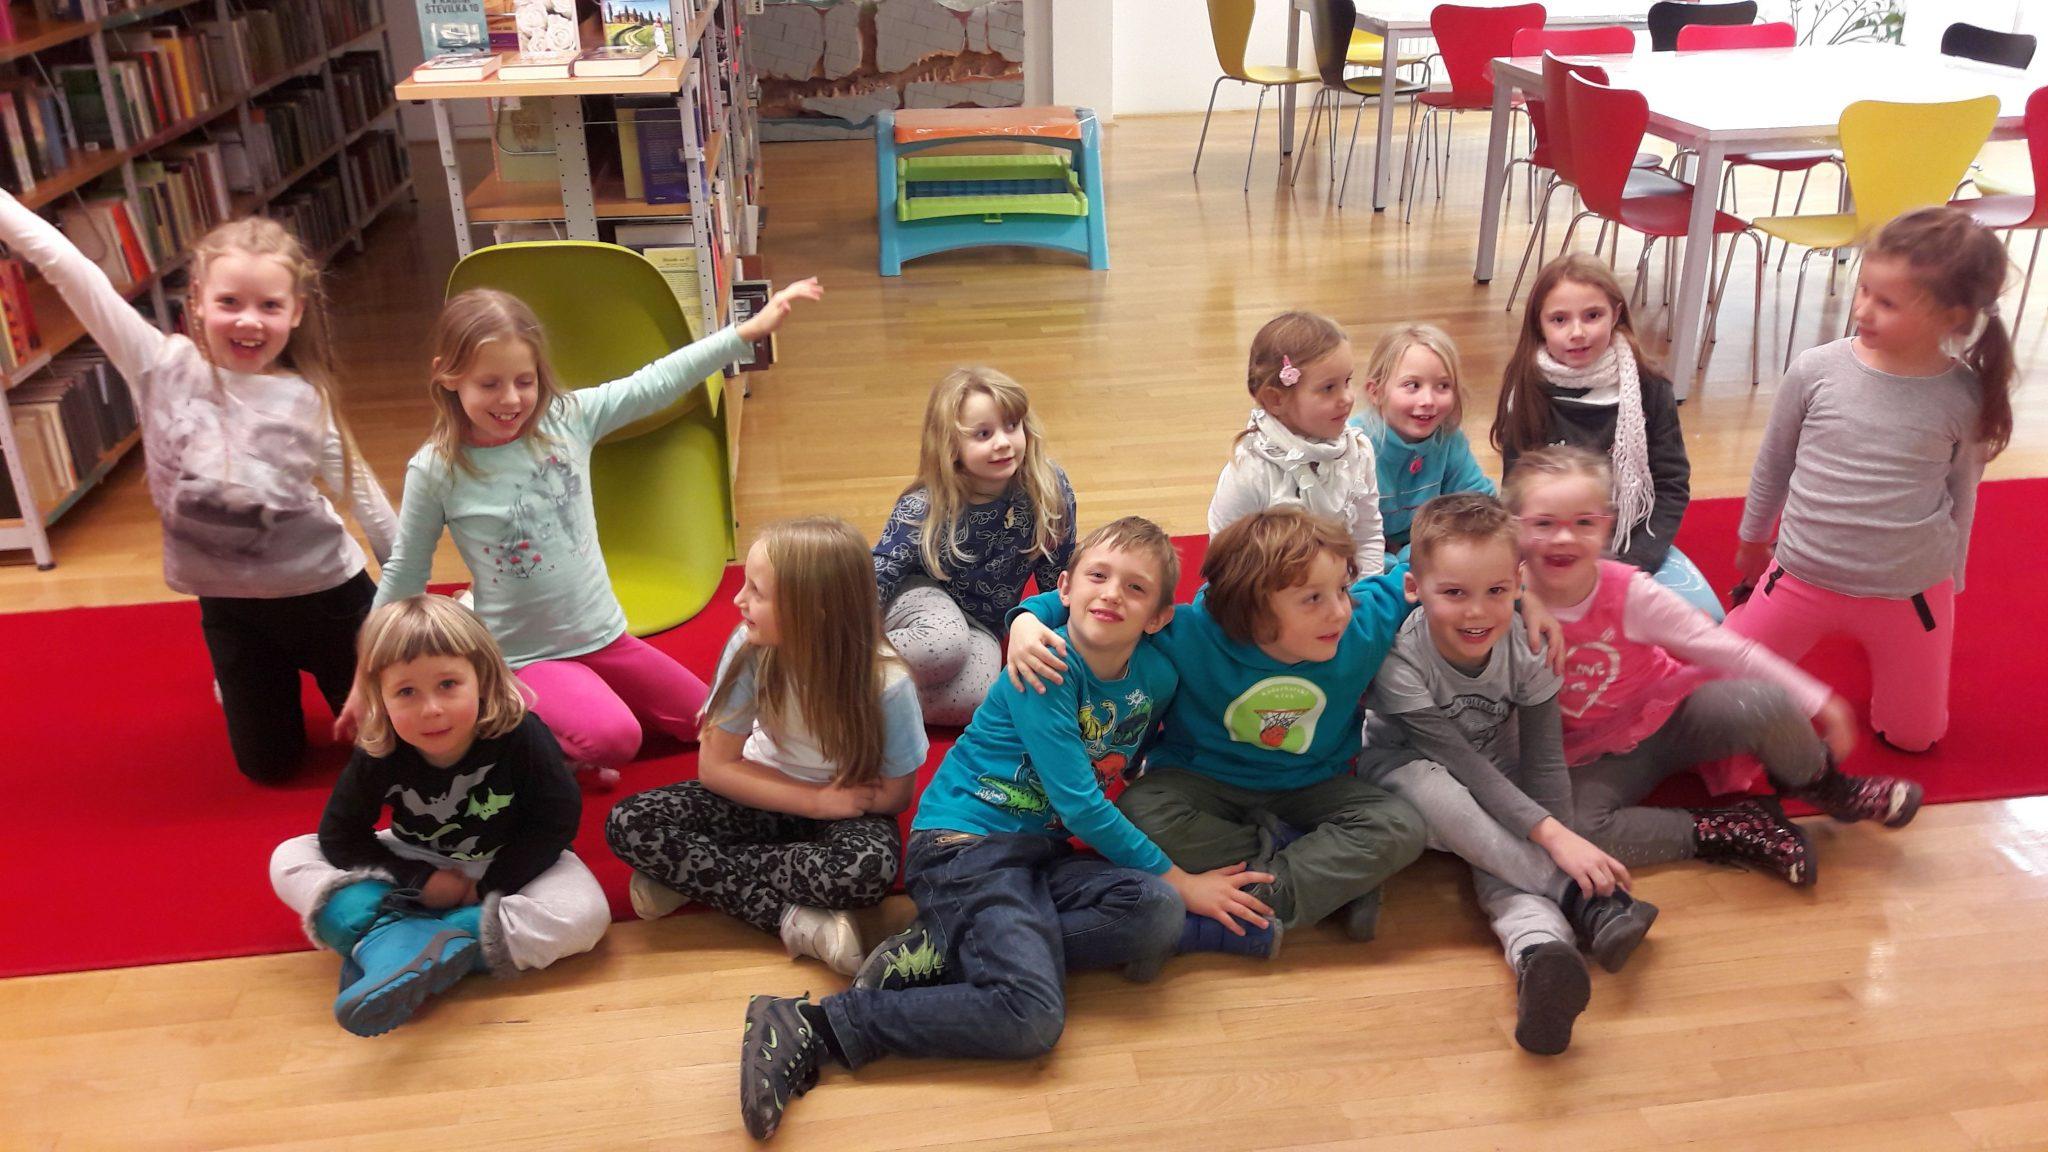 20171205 171436 - Pravljična urica z ustvarjalno delavnico za otroke od 4. leta dalje